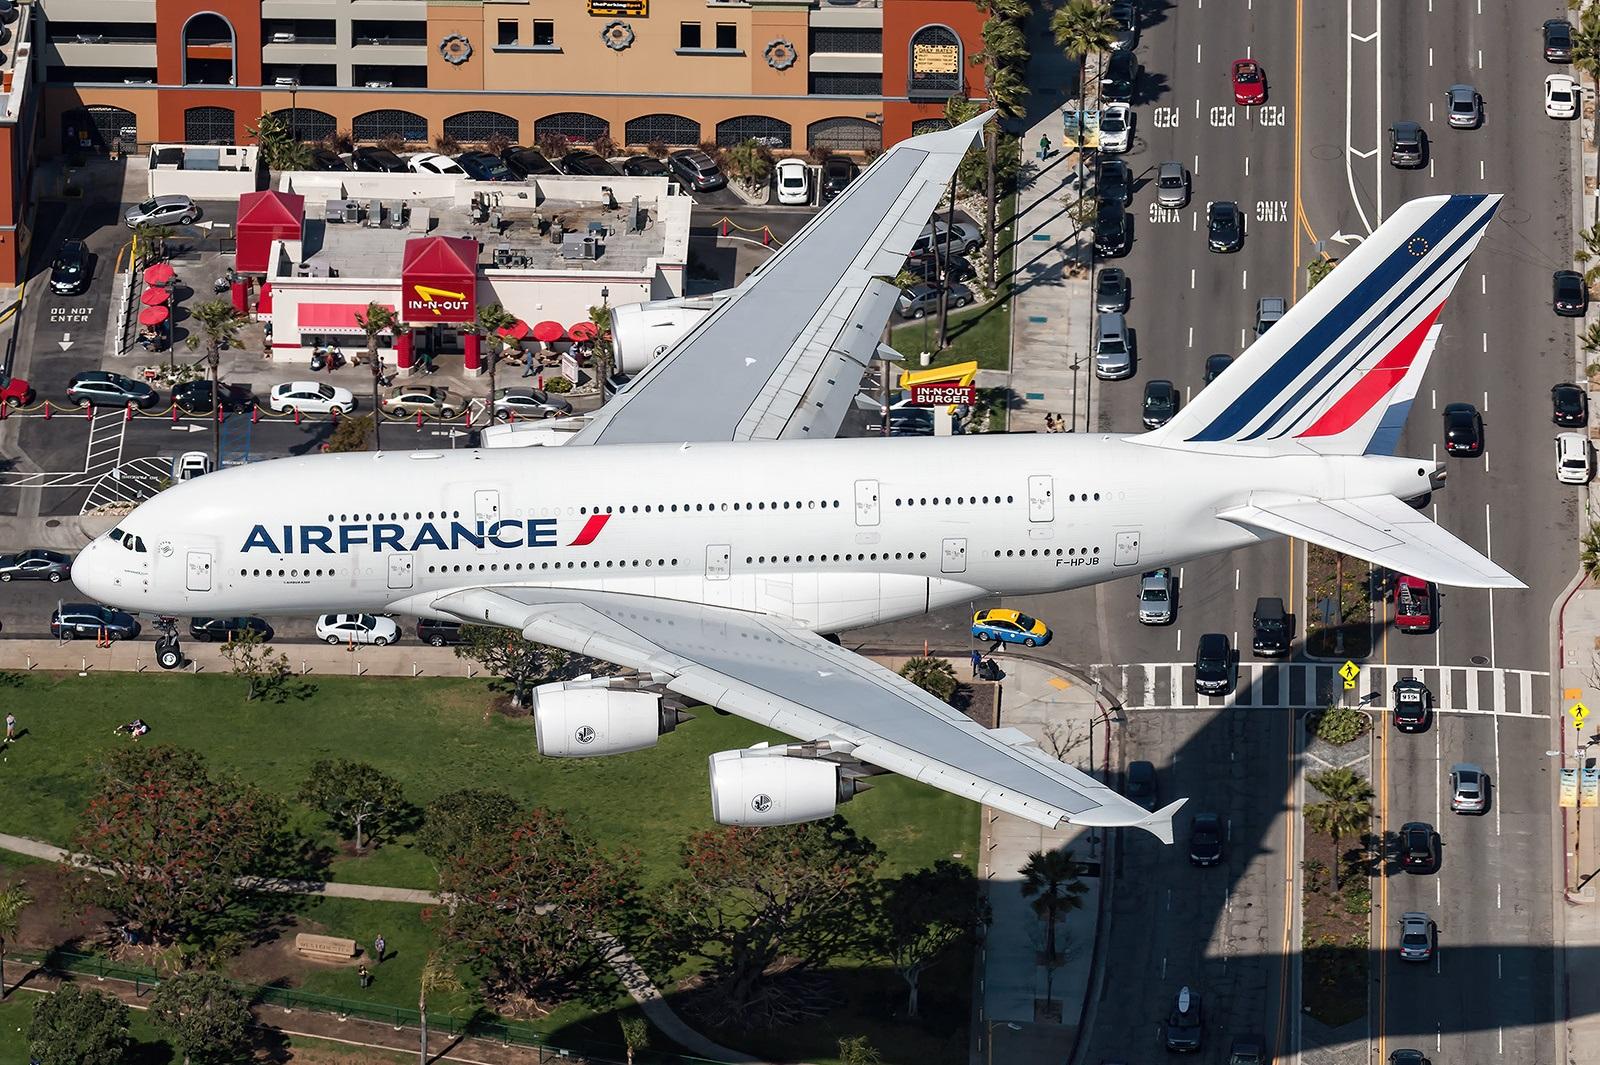 Уникальные съемки захода на посадку Airbus A380 сверху